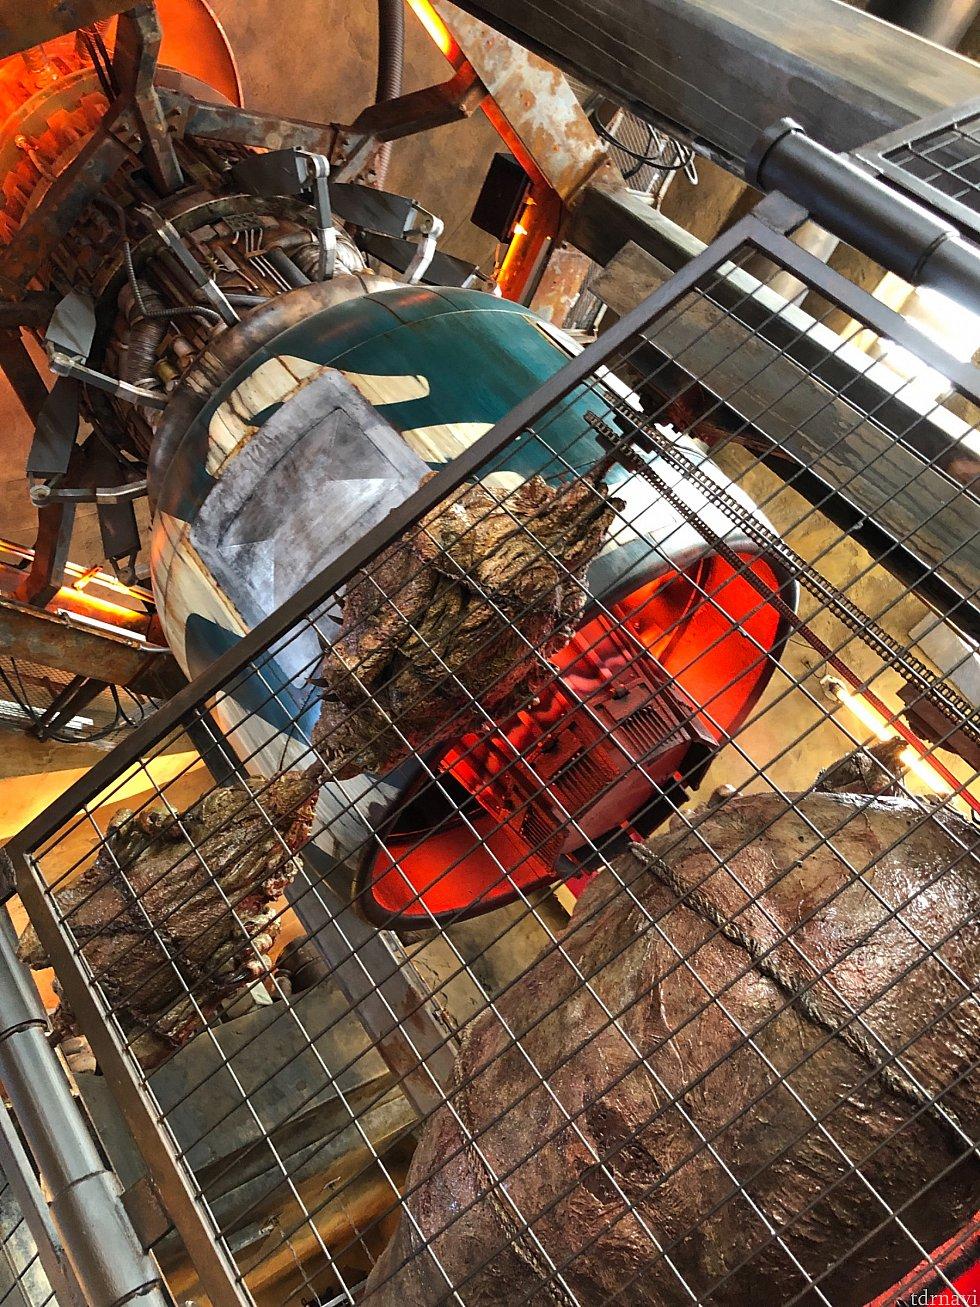 ここはRonto Roasterと言うカウンターサービスのレストラン。ロボットが、ヨッコラセヨッコラセと、このエンジンの横で肉料理を回転させながら調理してました。これ見た感じ凄い熱気なんですが、熱くは無いんです。日向の方がよっぽど熱い…